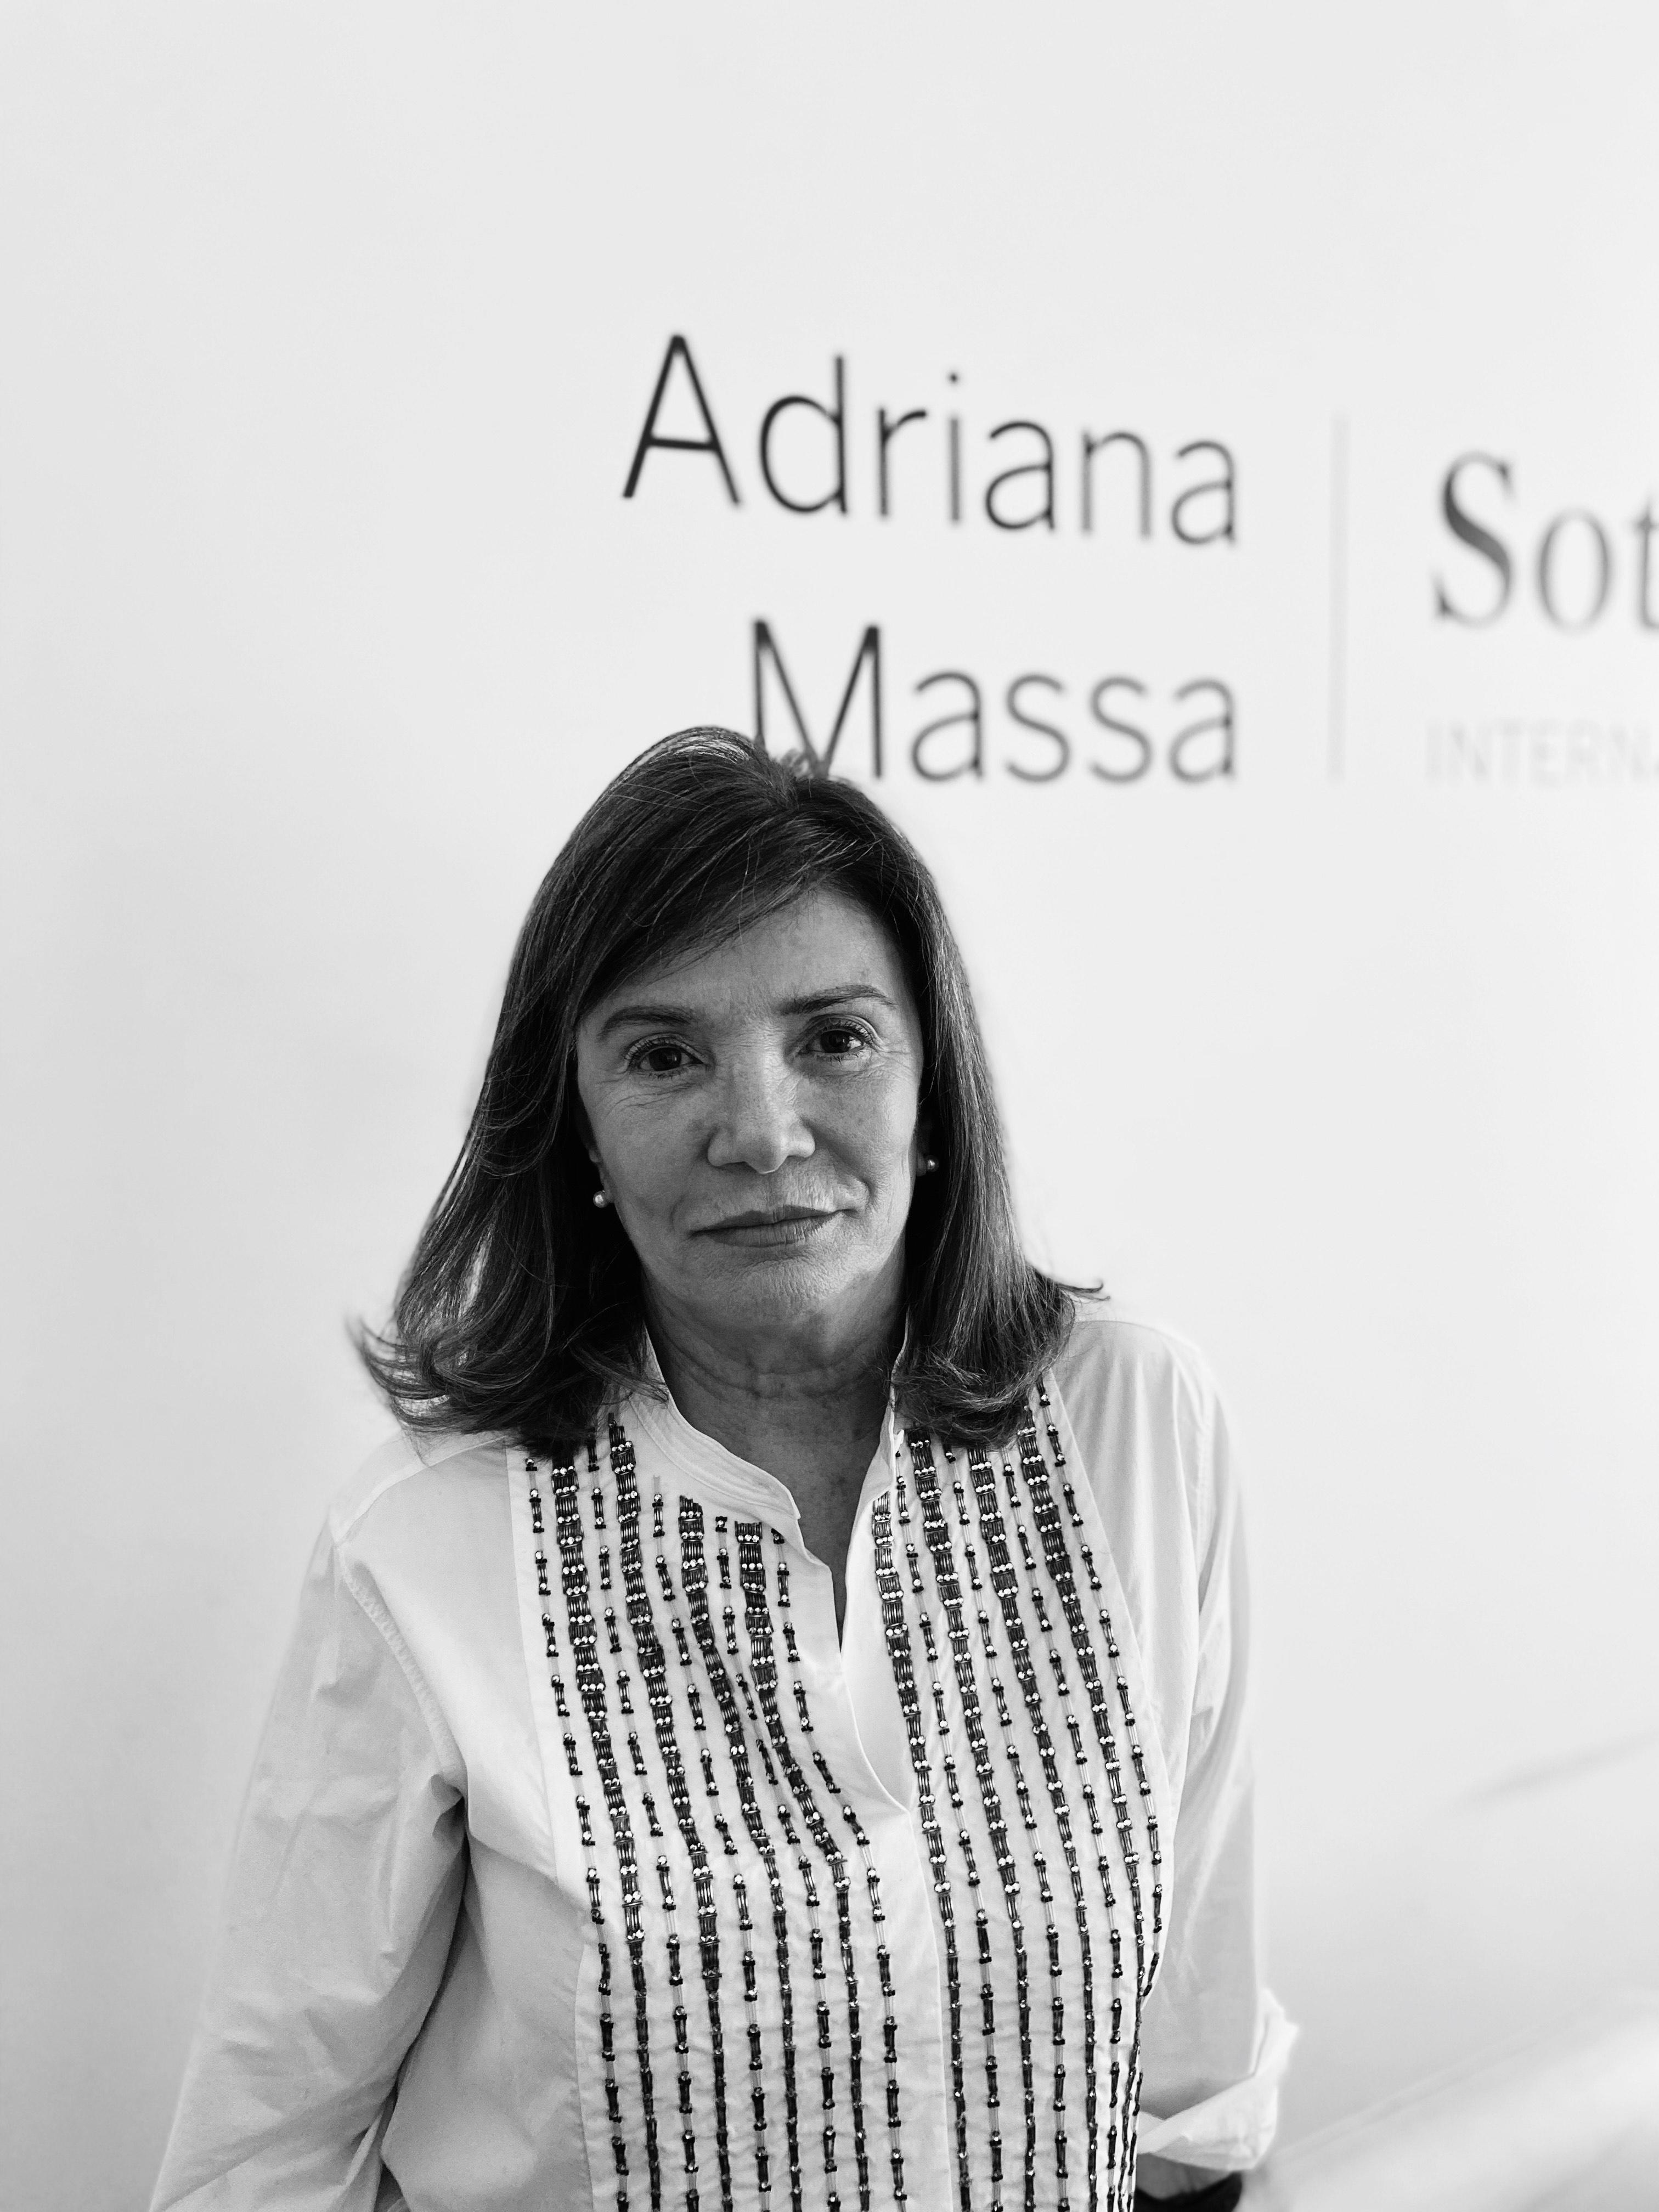 Adriana Massa